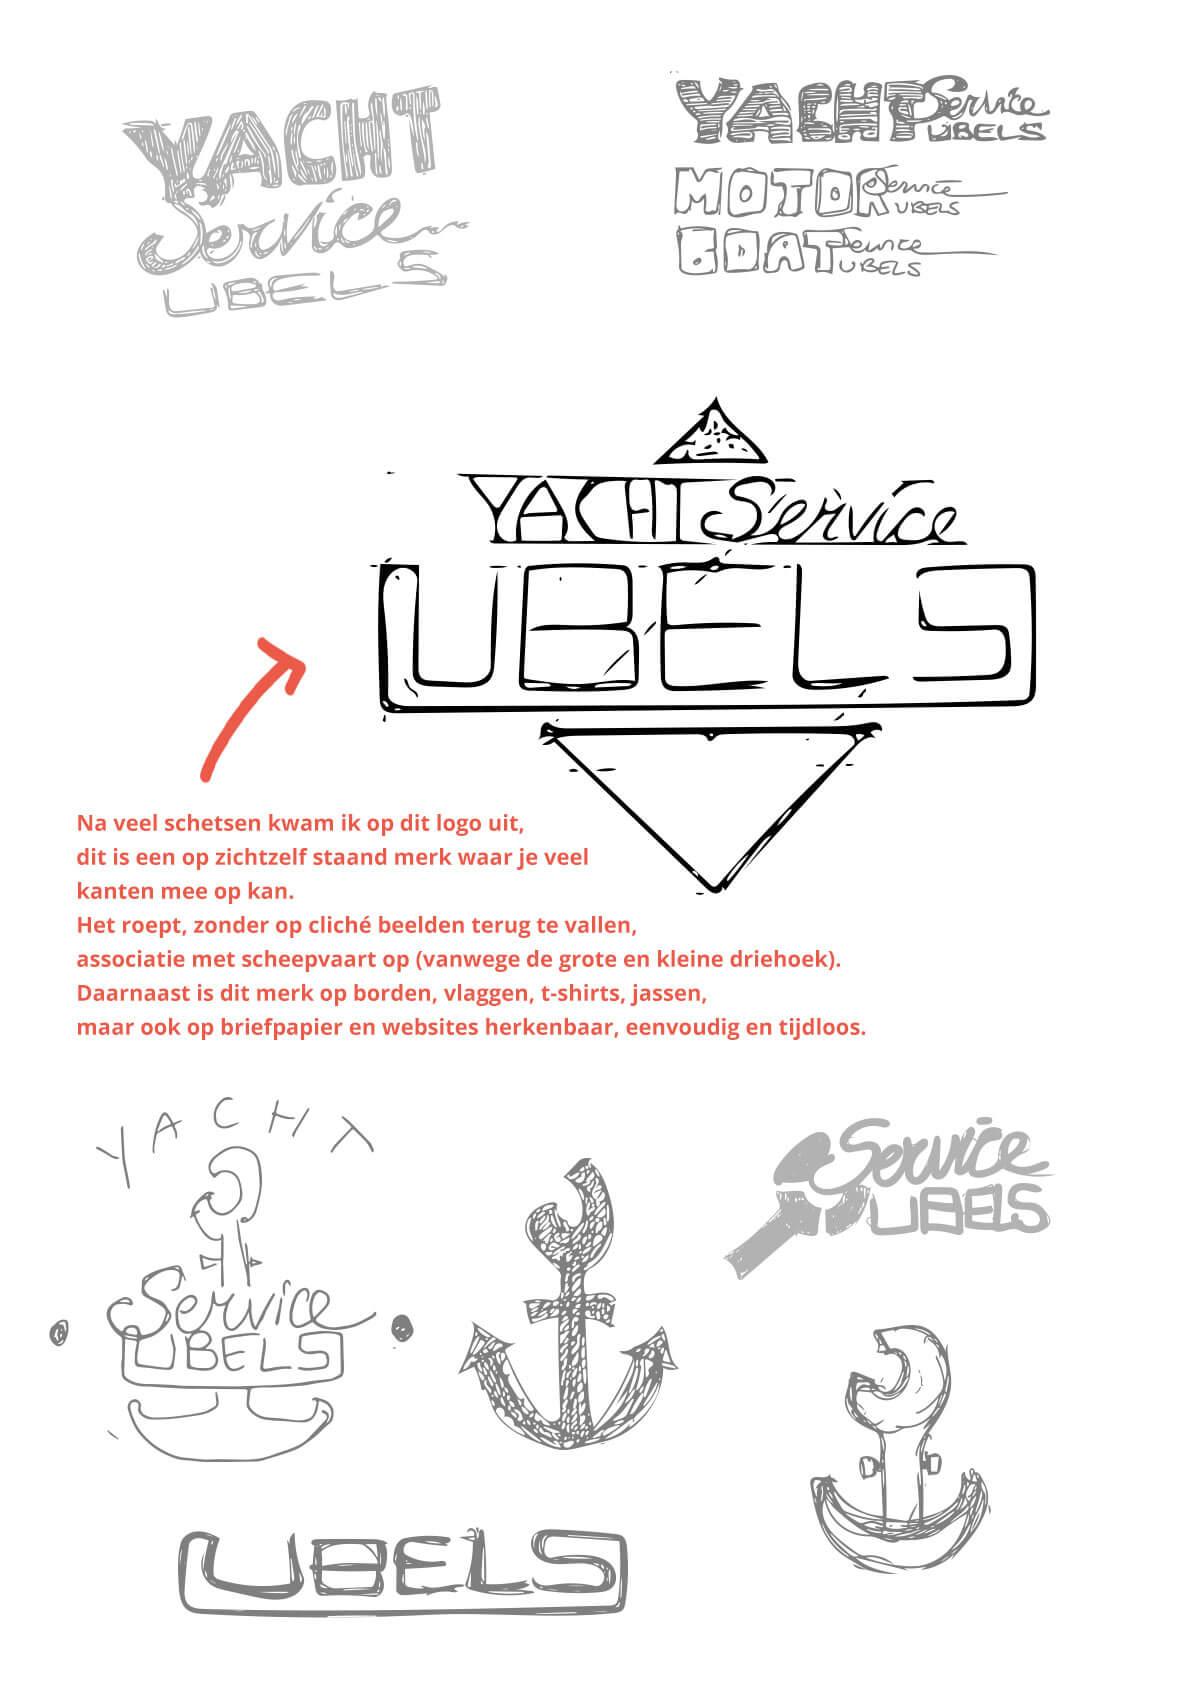 De eerste schetsen voor het logo